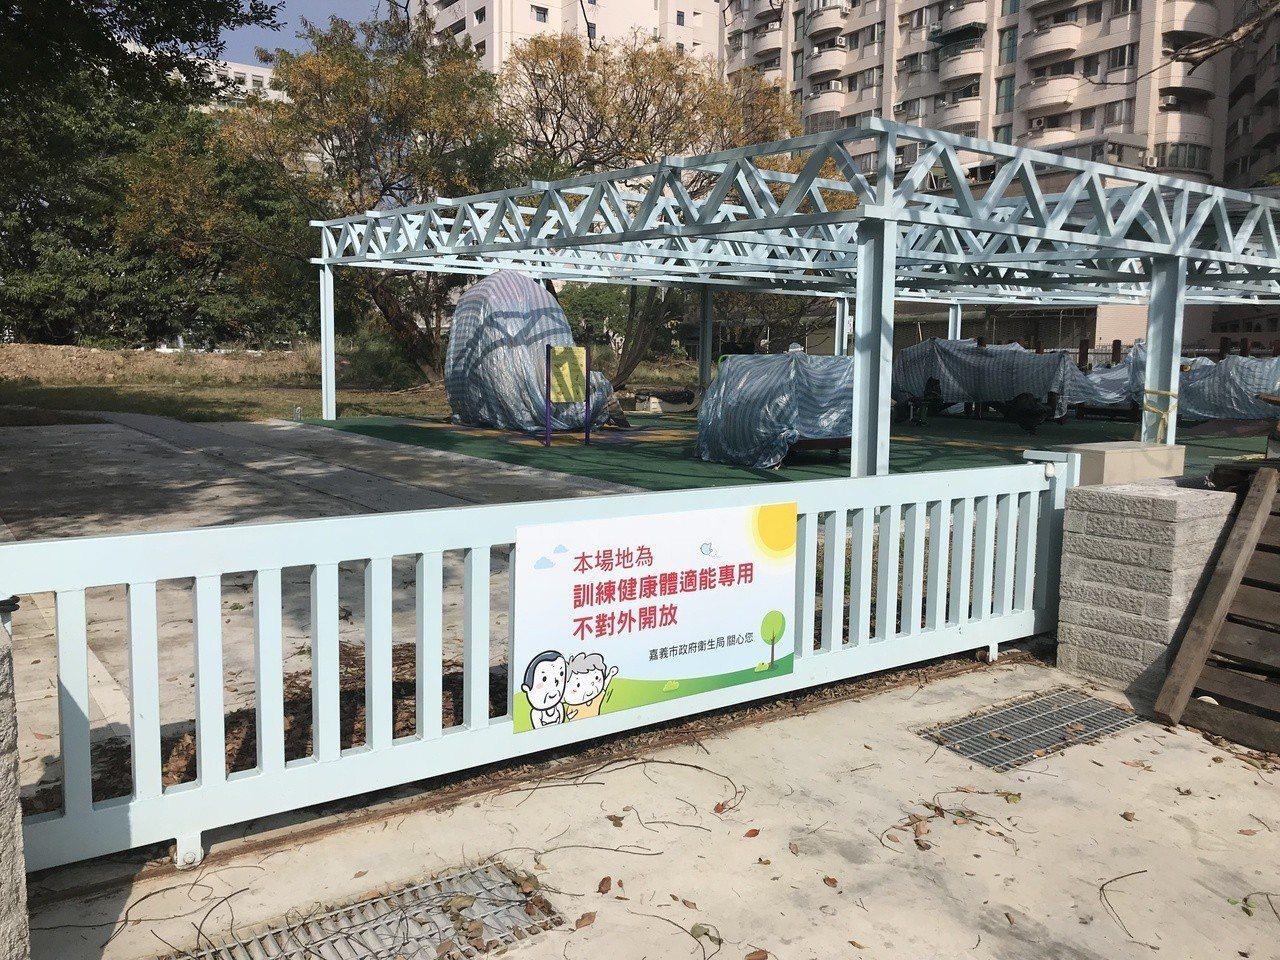 嘉義市府106年選定衛生局旁機關用地,斥資450萬以荷蘭「老人遊樂園」為鏡,打造...